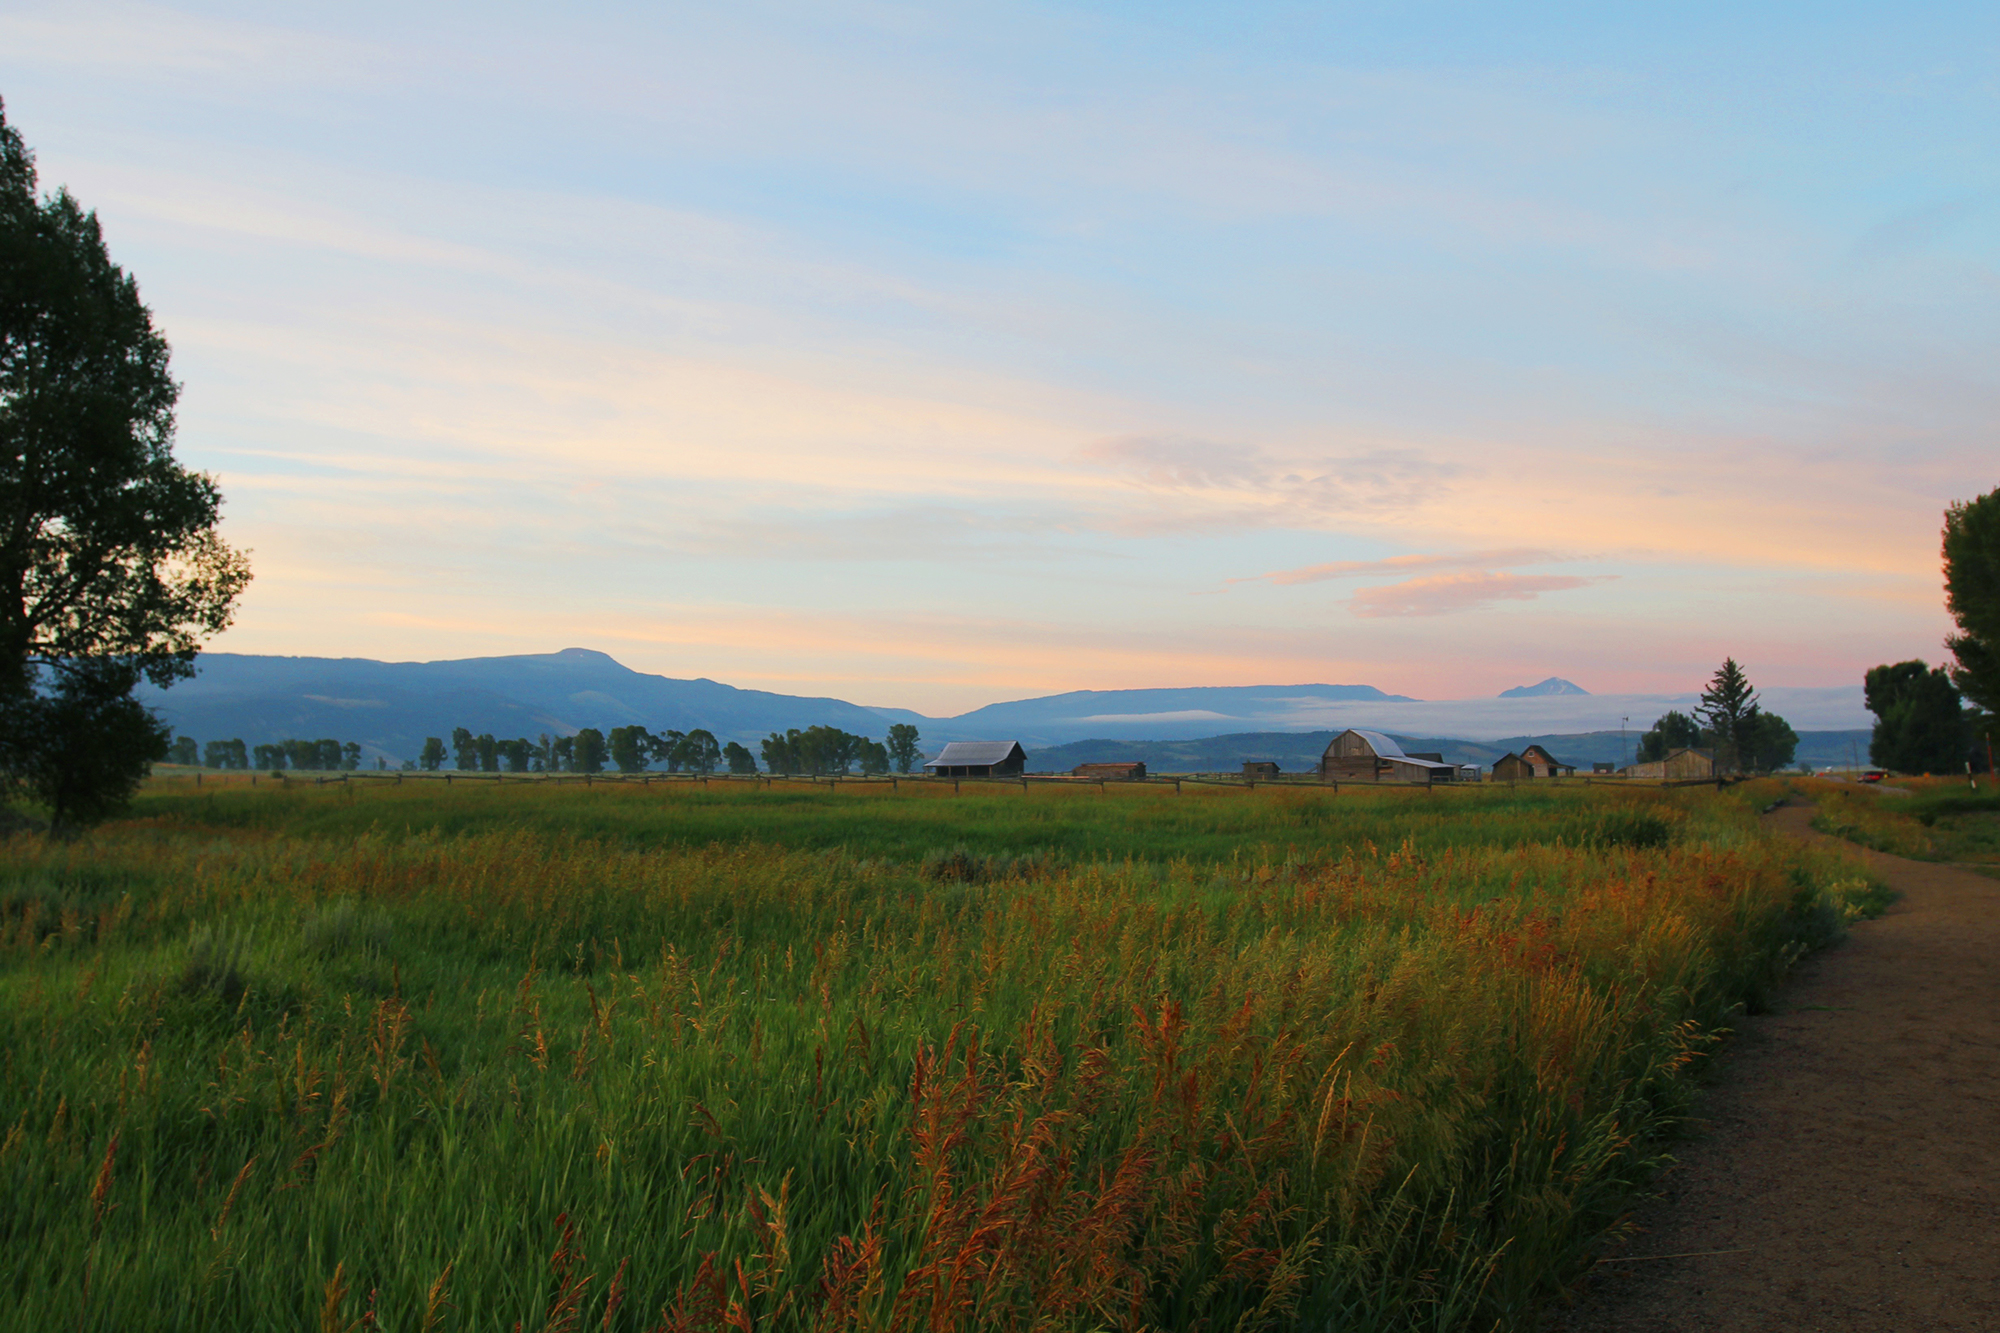 jo-torrijos-states-of-reverie-grand-teton-national-park-mormon-row-sunrise-12.jpg